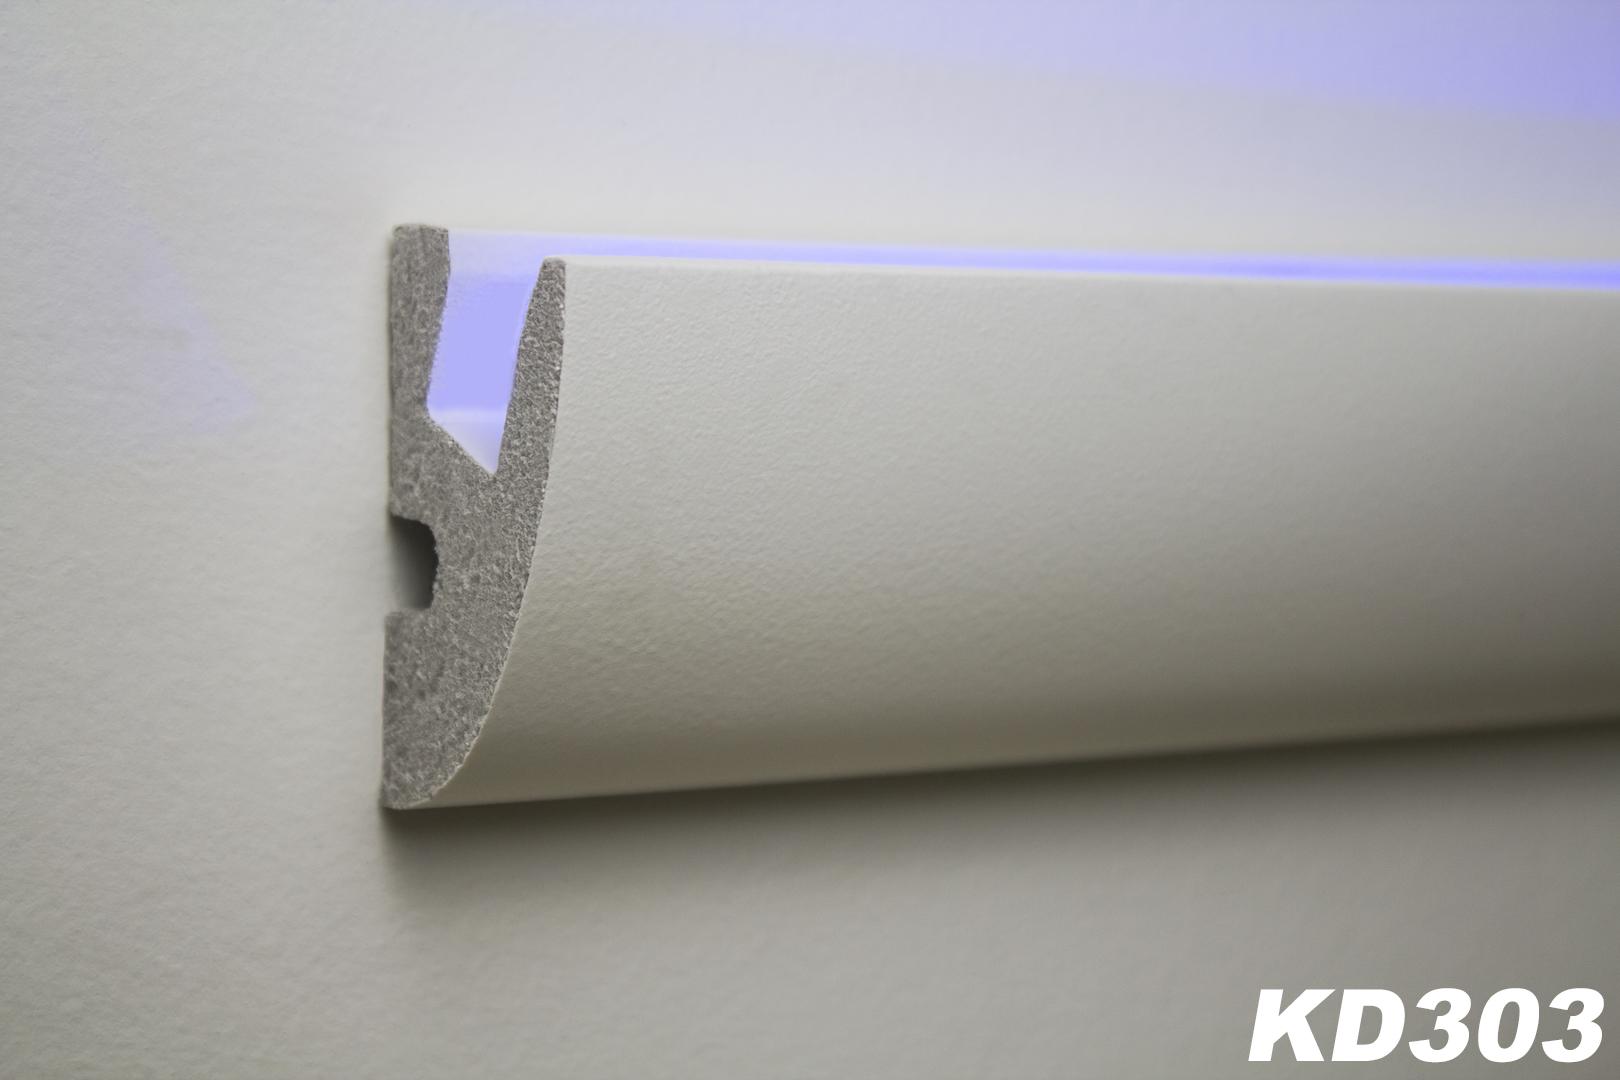 1 15 m tres led moulure en stuc pour eclairage indirect xps 65x40 kd303 ebay. Black Bedroom Furniture Sets. Home Design Ideas